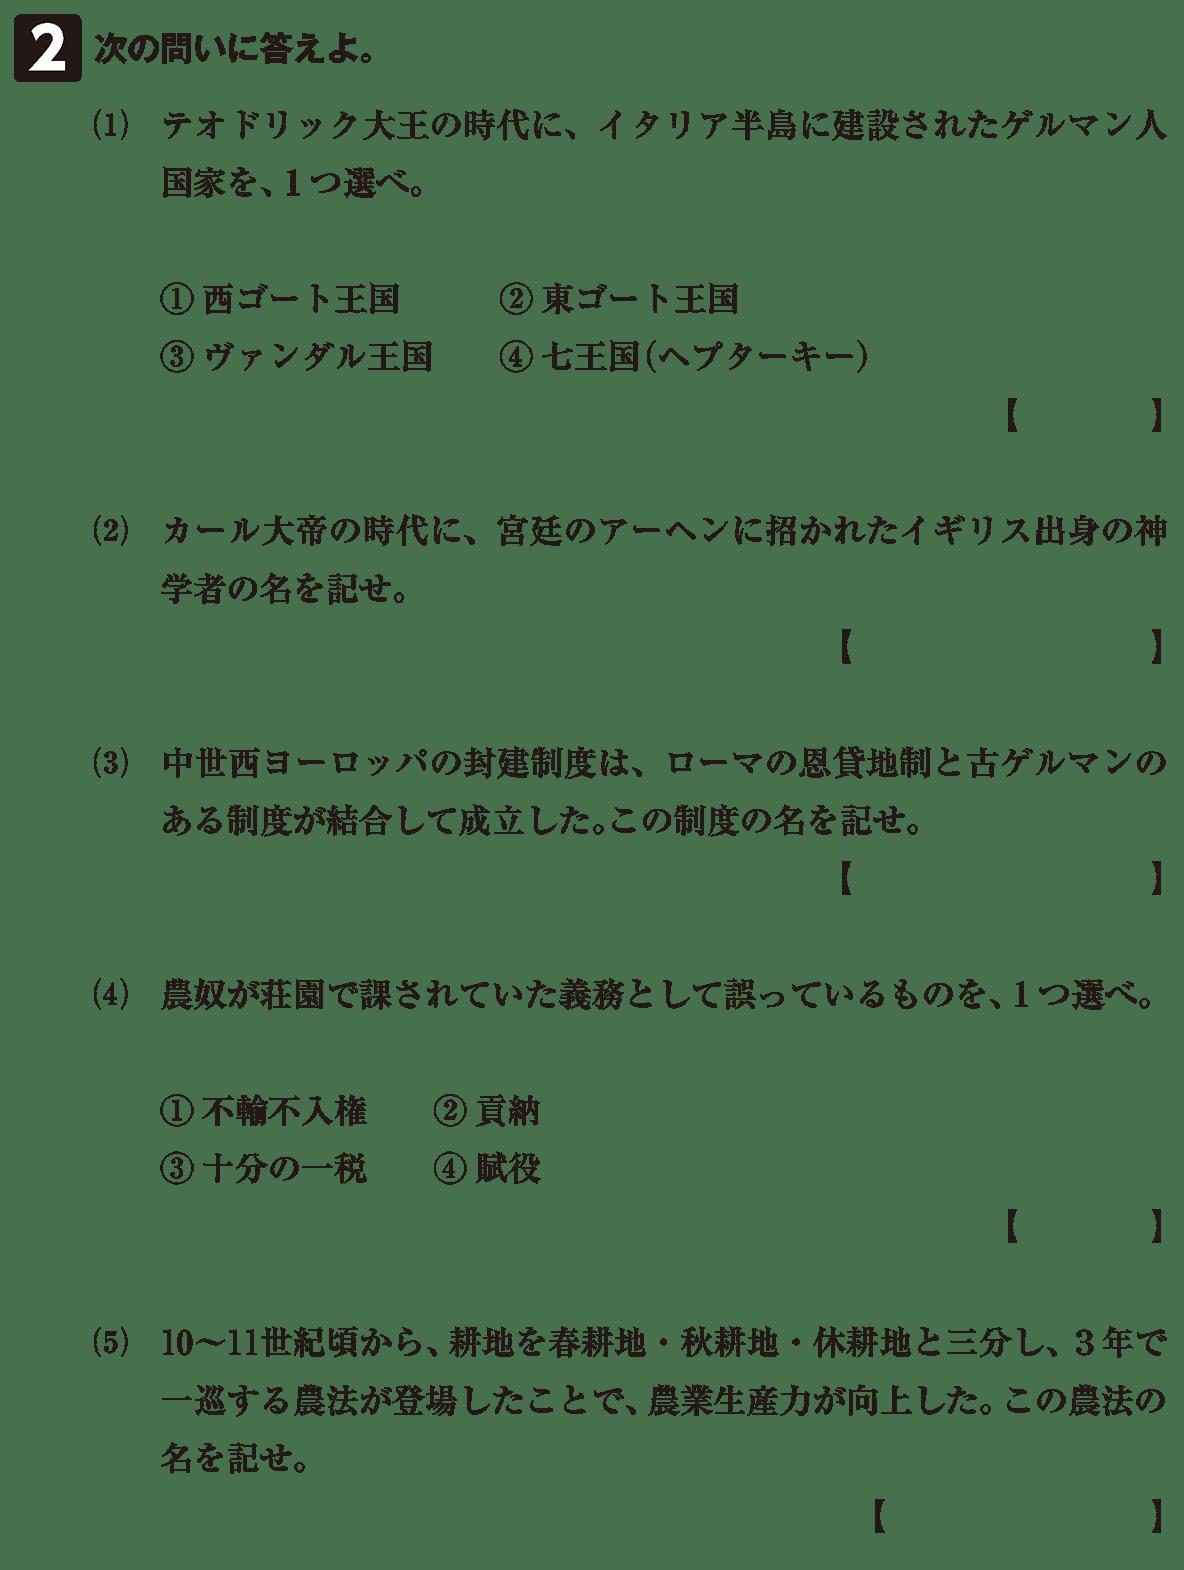 高校世界史 中世ヨーロッパ世界の成立6 確認テスト(後半)問題2